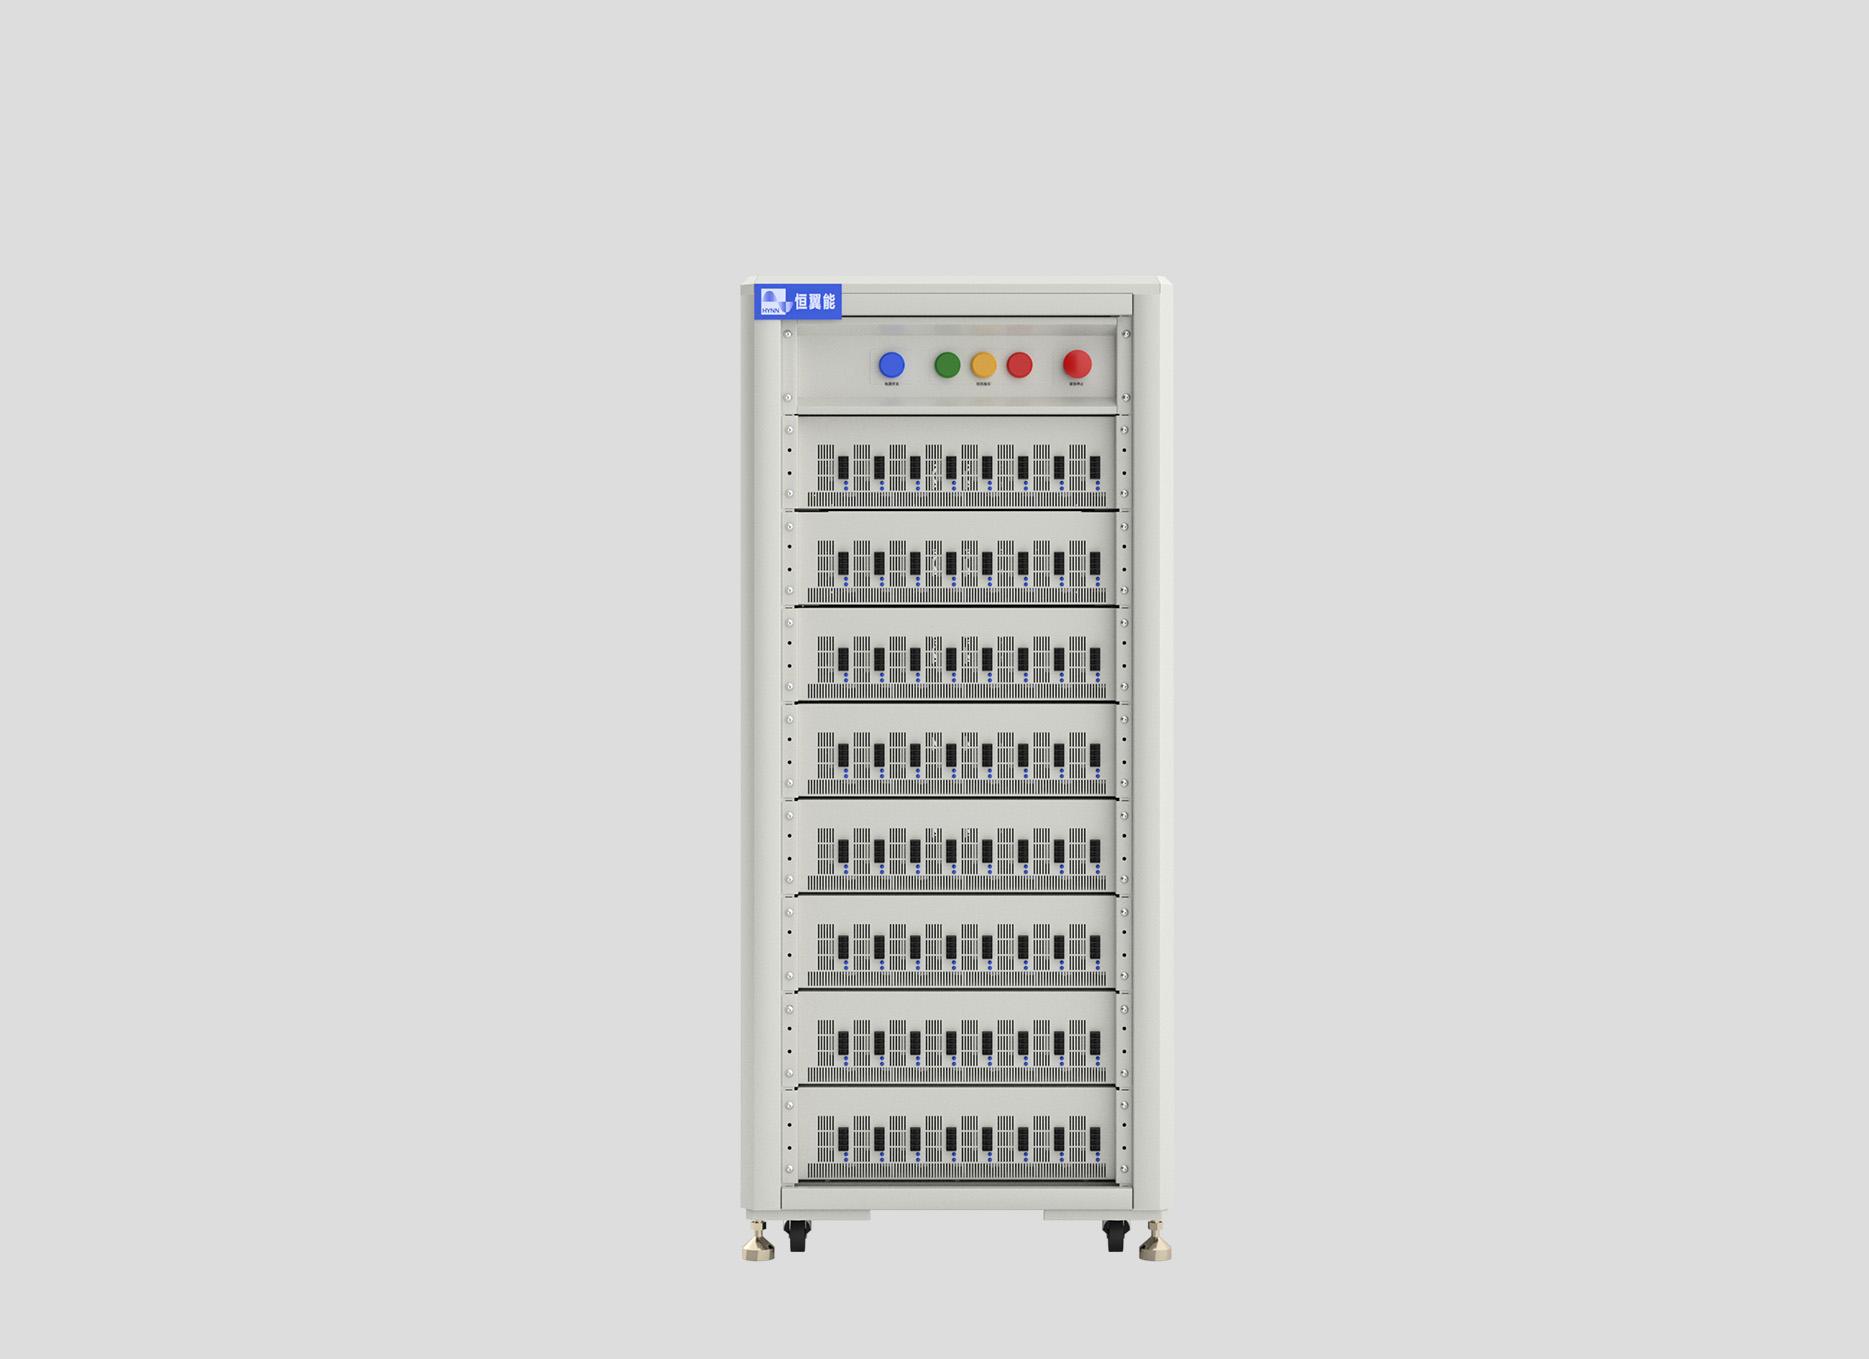 充电时串联电路保持接通,可满足客户多种规格电池组进行平衡充放电